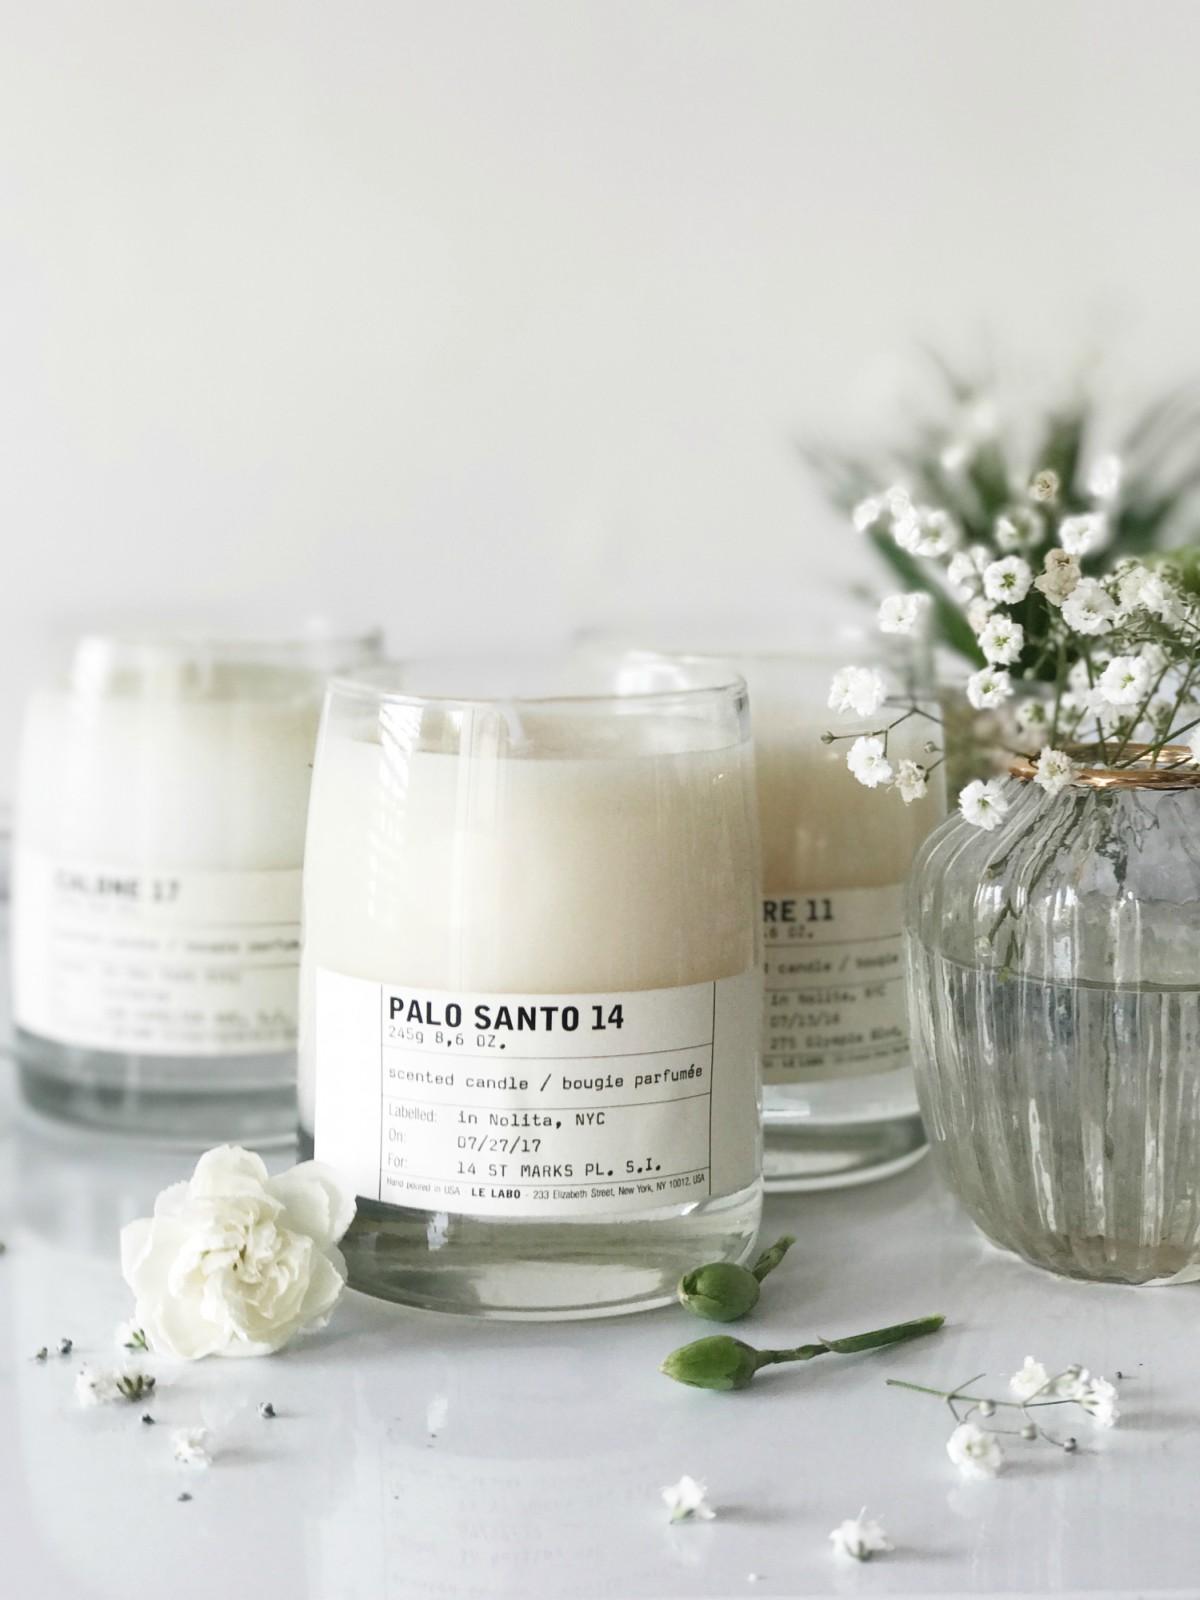 Le Labo Palo Santo 14 Candle